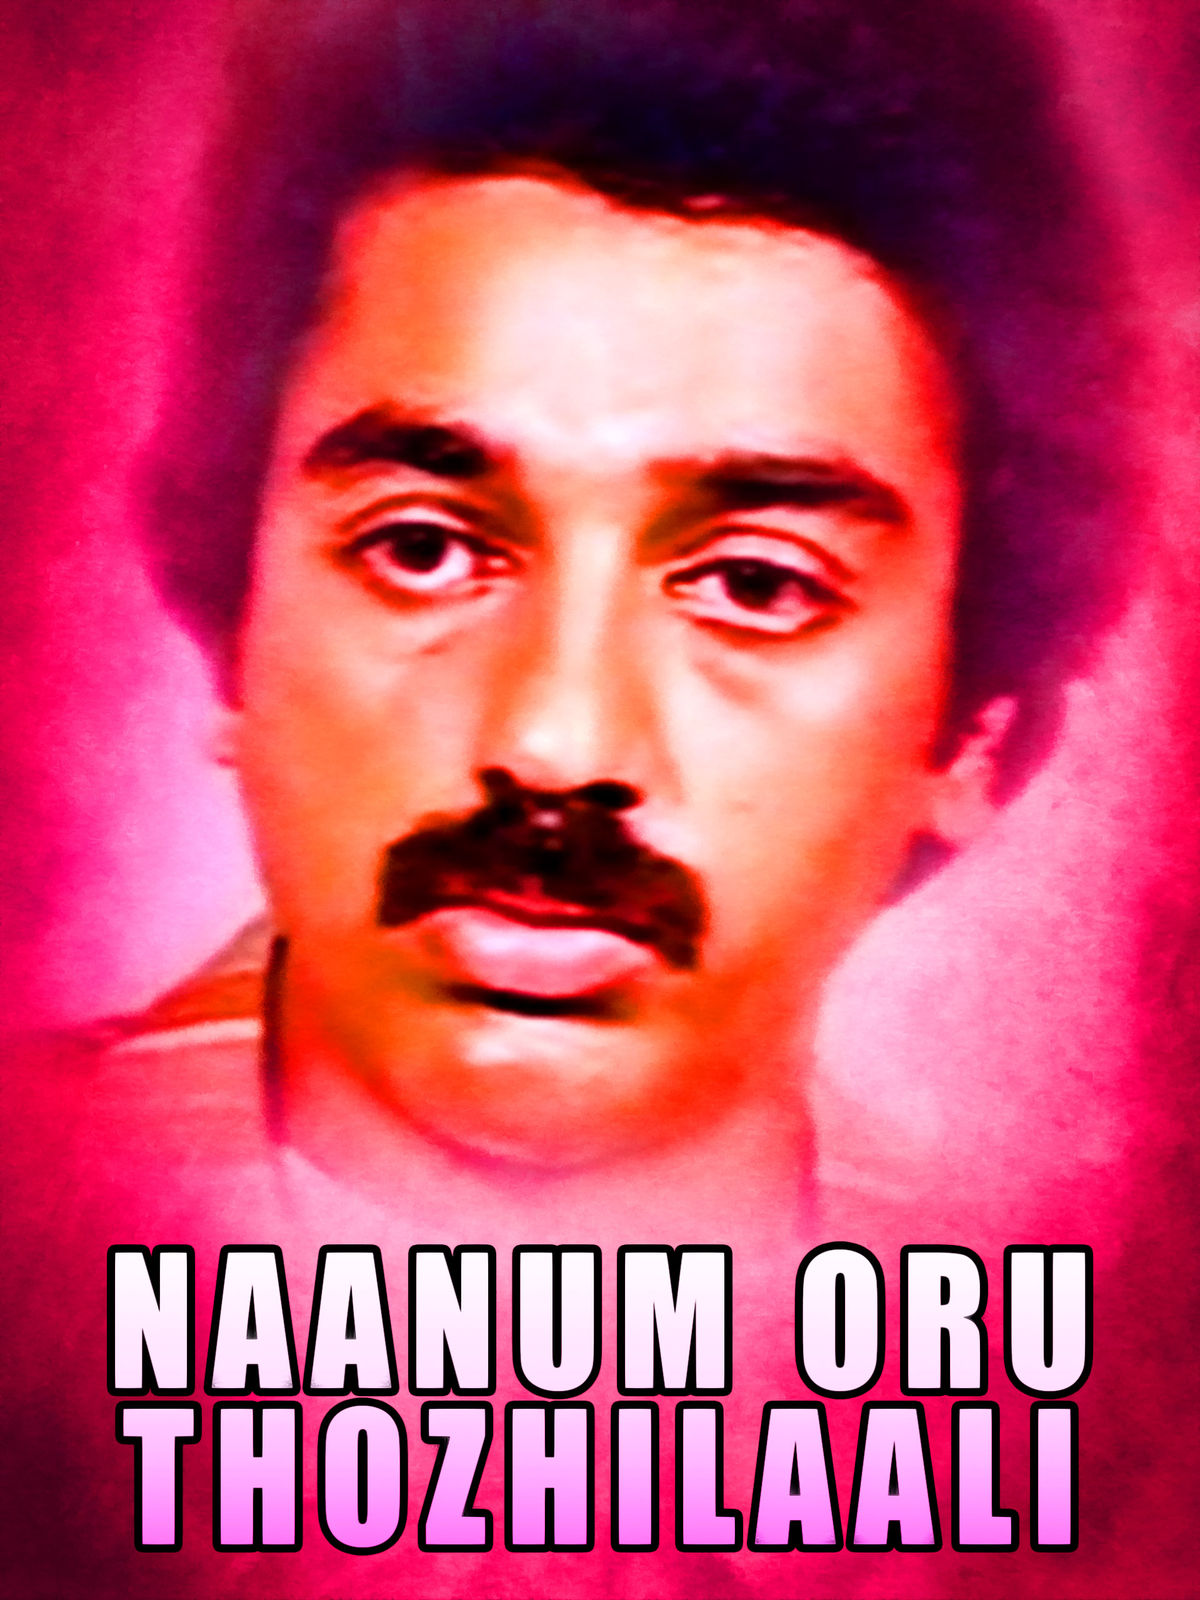 Naanum Oru Thozhilaali